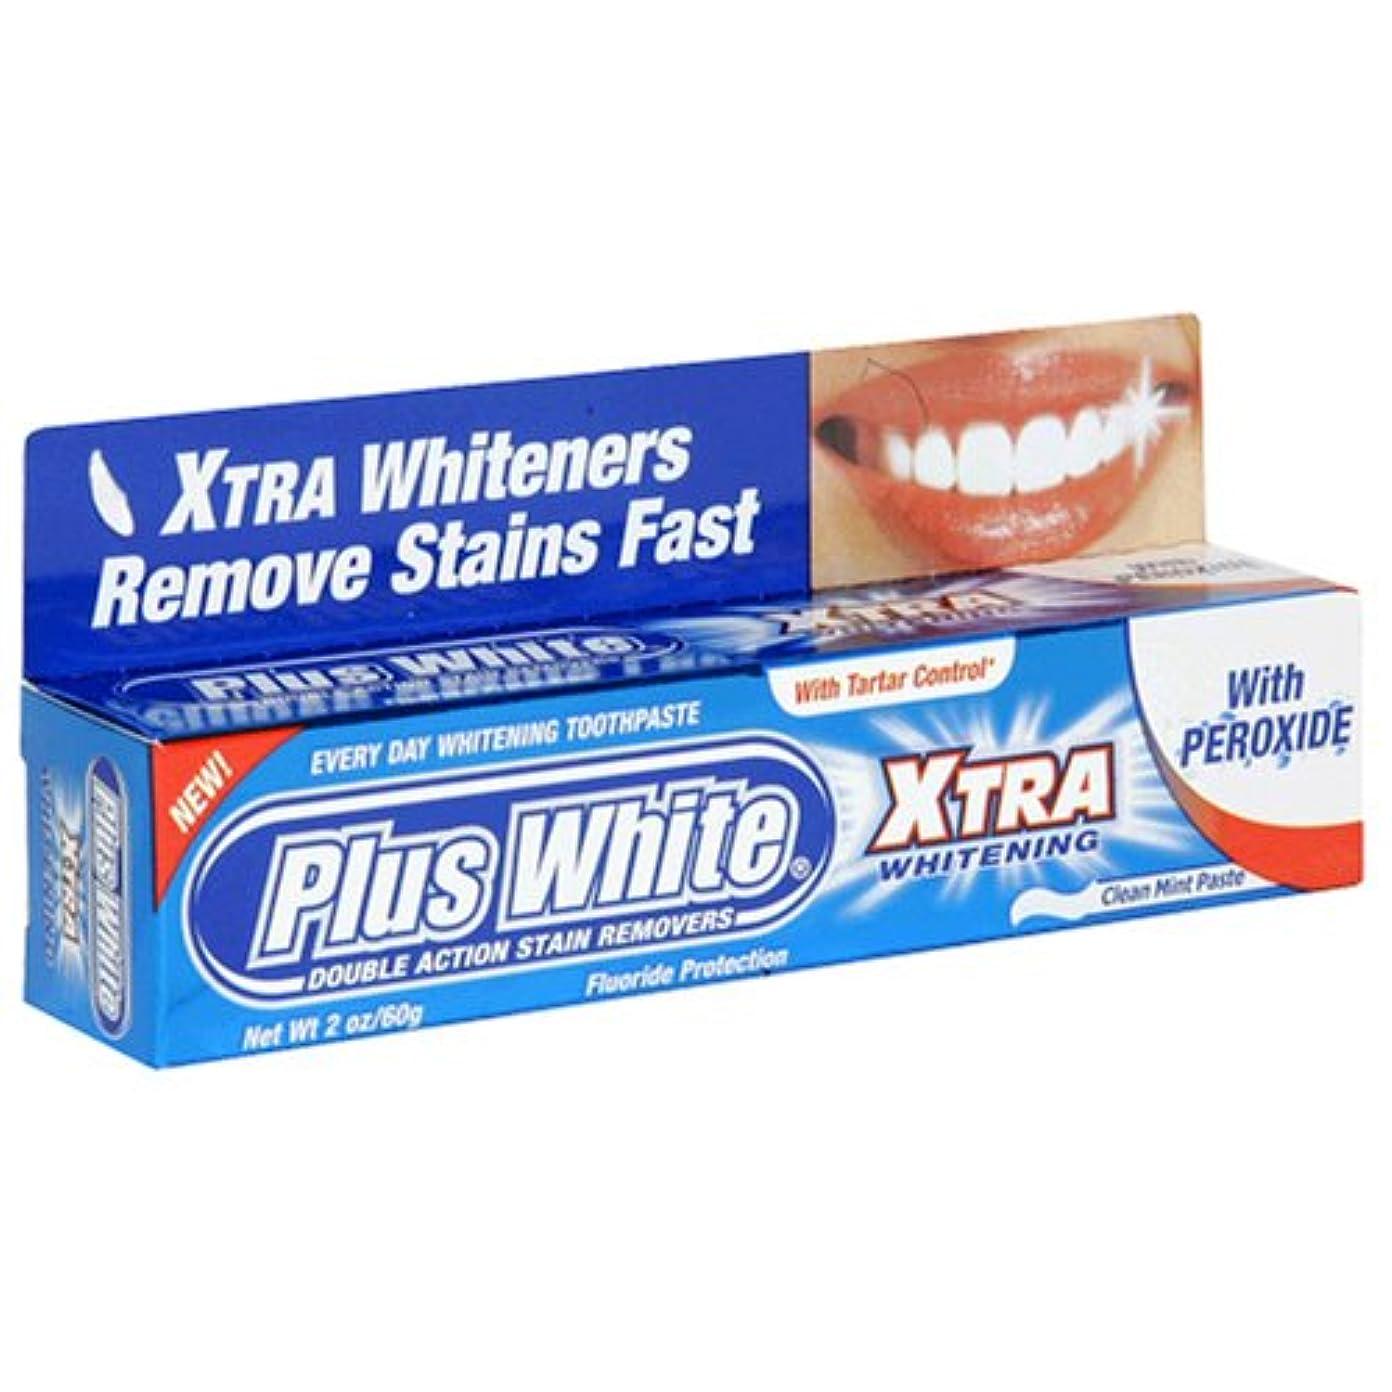 パパ咽頭ブロックするPlus White Xtra Whitening Every Day Whitening Toothpaste With Tartar Control Clean Mint 2 Oz (60 G) (Case Of 6...